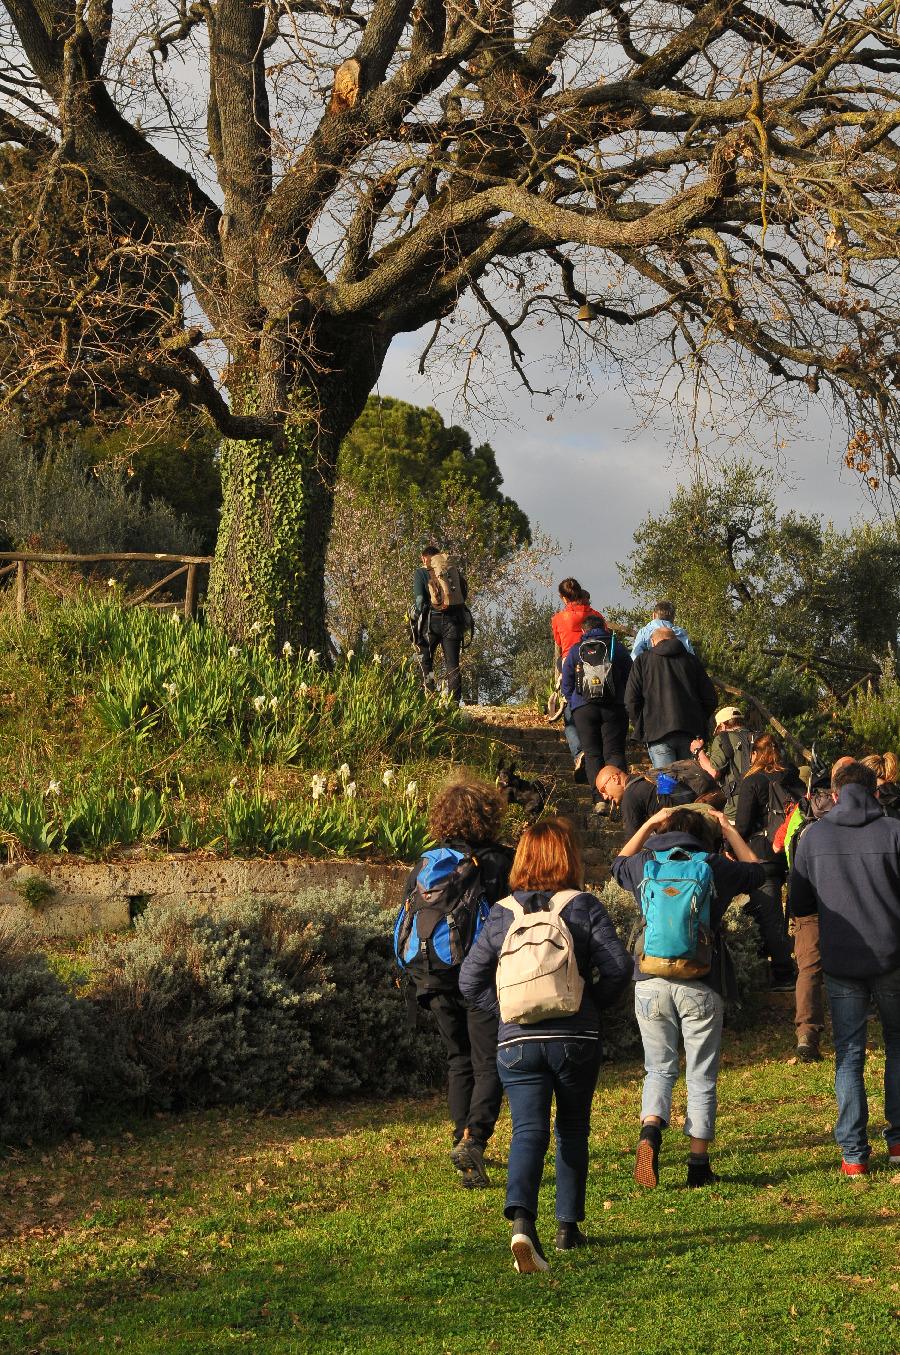 Teilnehmer beim Wandern.